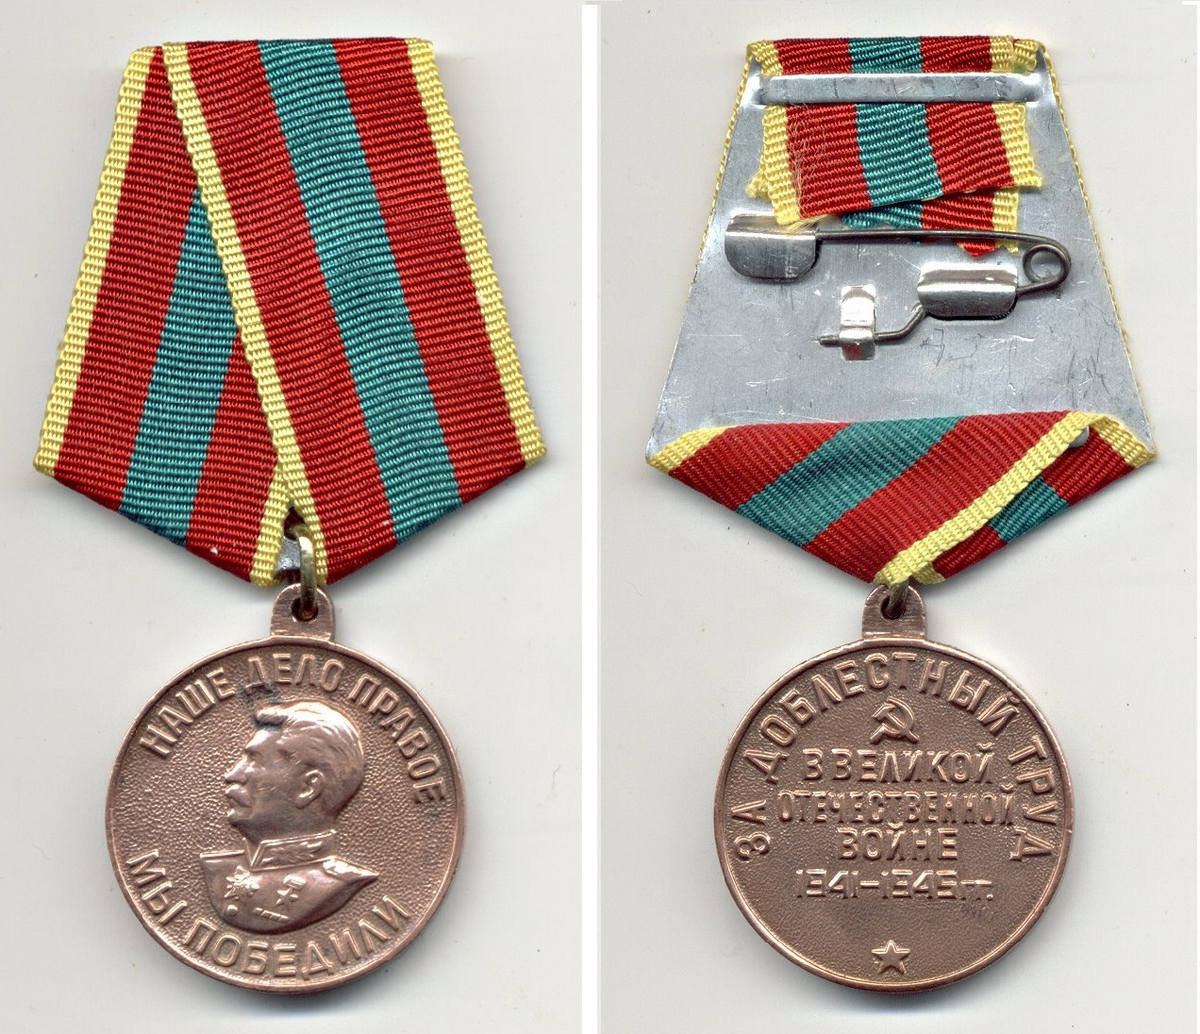 Уроженцы села Семенчино, награжденные медалью «За доблестный труд в Великой Отечественной войне 1941-1945 г.г.»